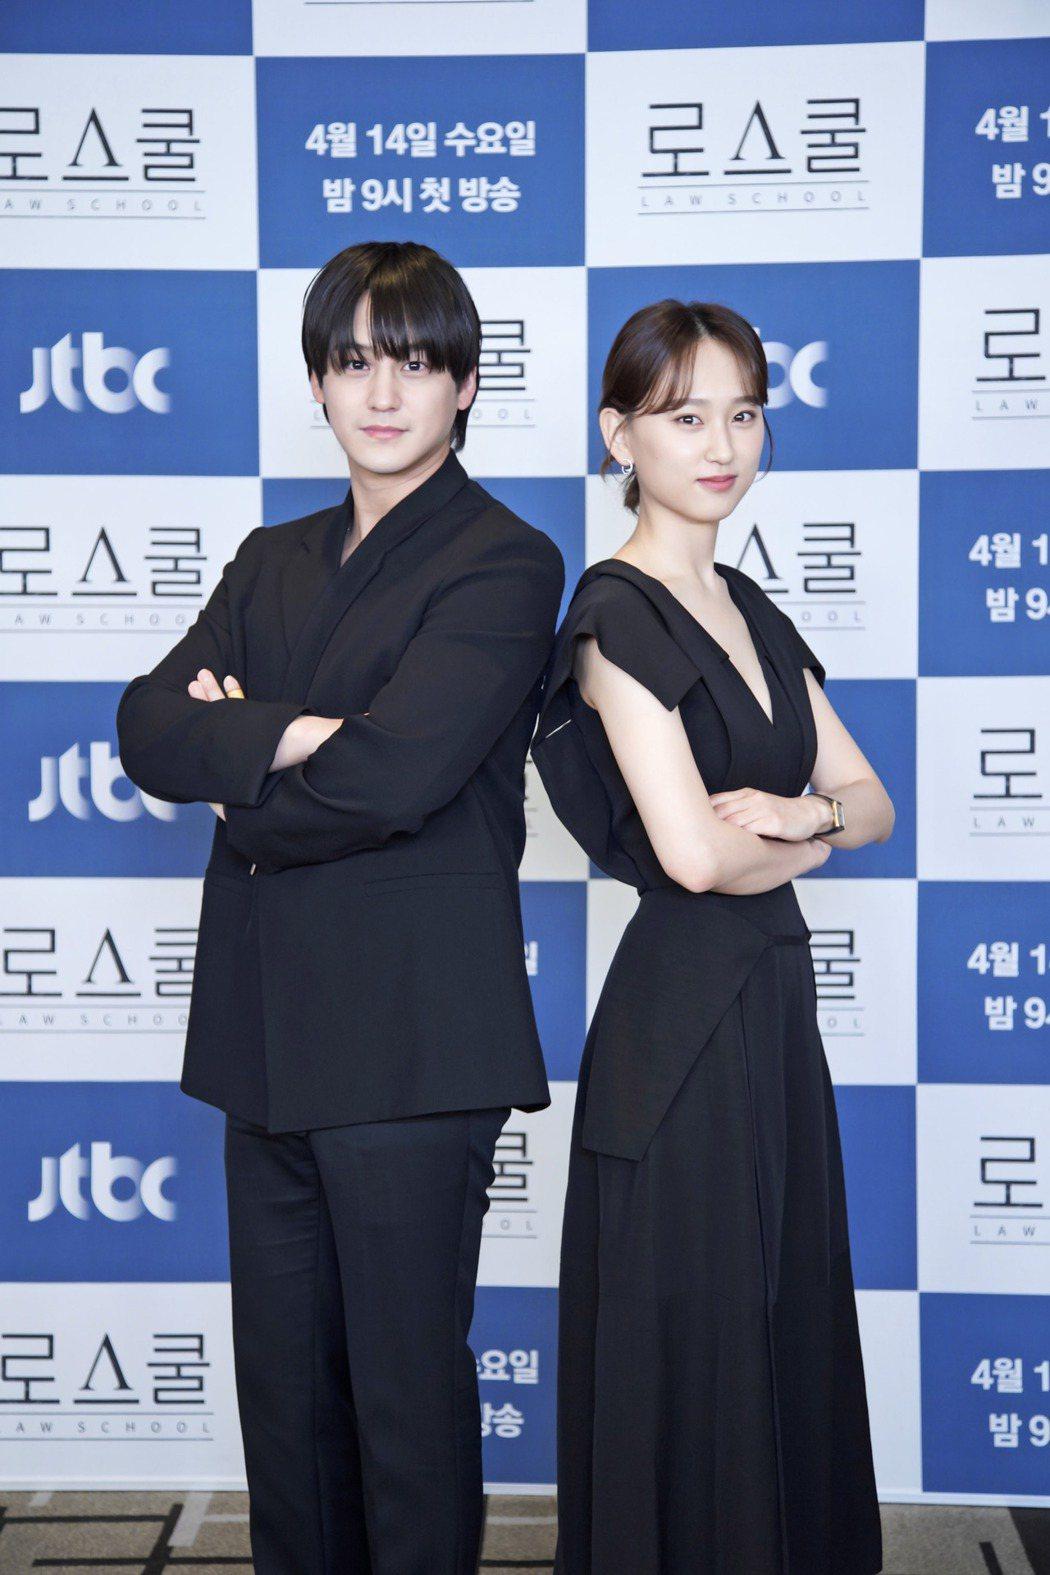 金汎(左)與柳惠英劇中飾演法律界的菜鳥新鮮人。圖/Netflix提供